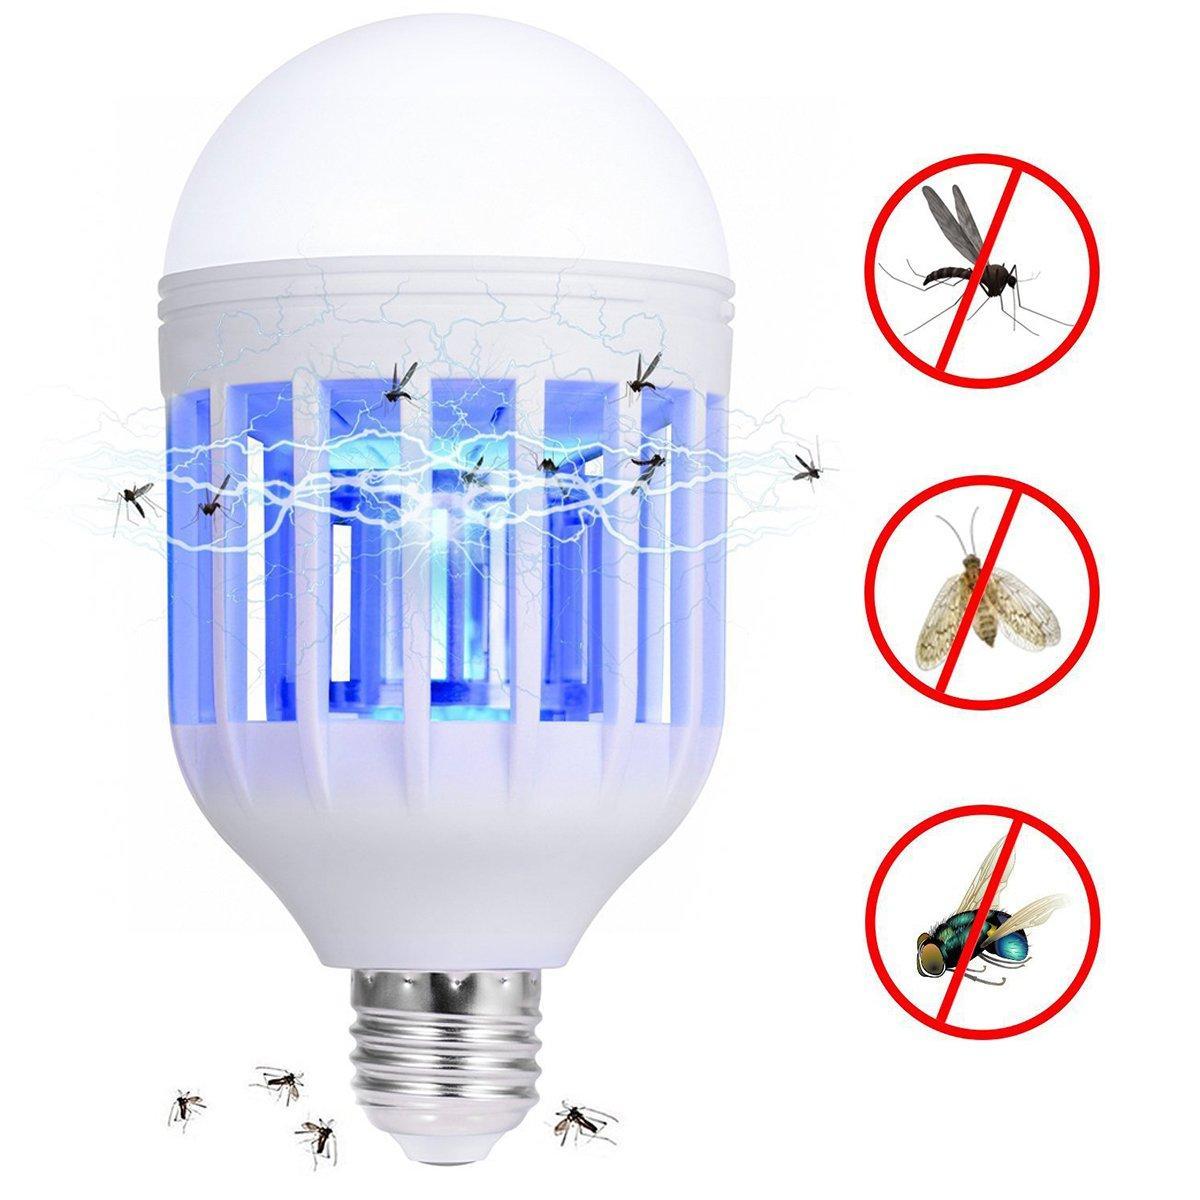 Светодиодная лампа приманка для насекомых (уничтожитель насекомых) Zapp Light (2617)